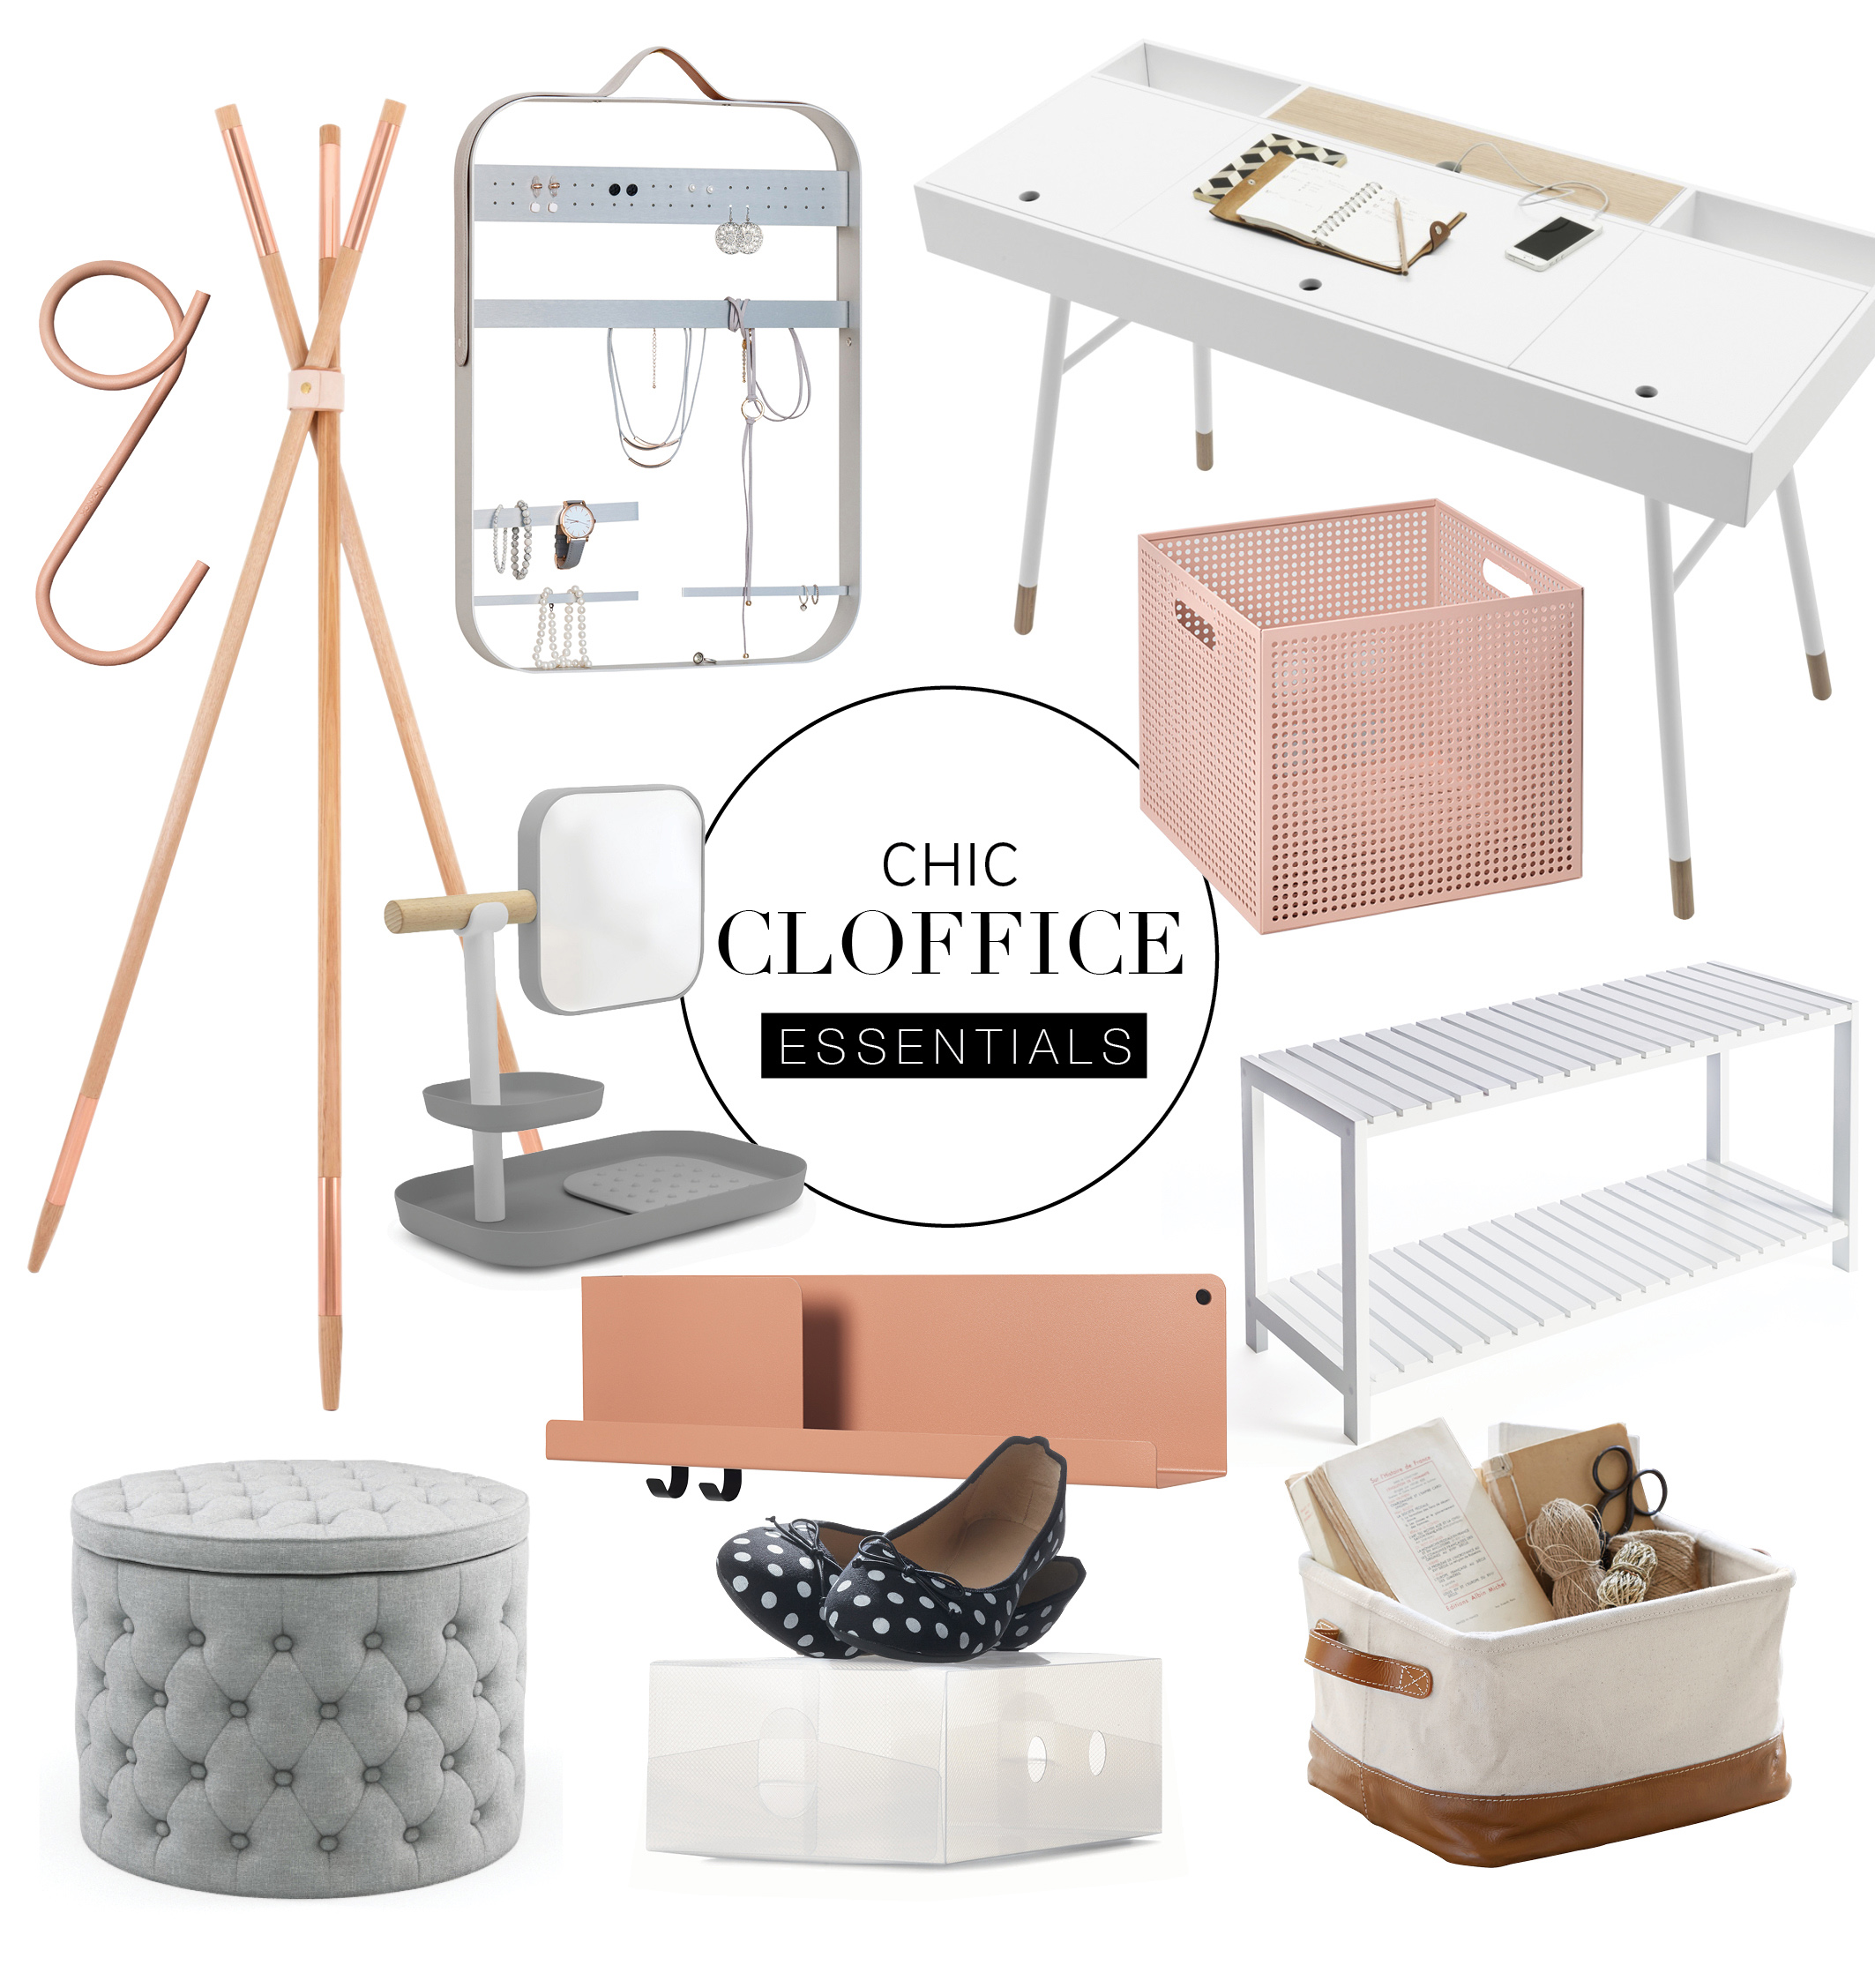 adore_home_blog_chic_storage_fashionista_cloffice_essentials_office-closet_wardrobe.jpg